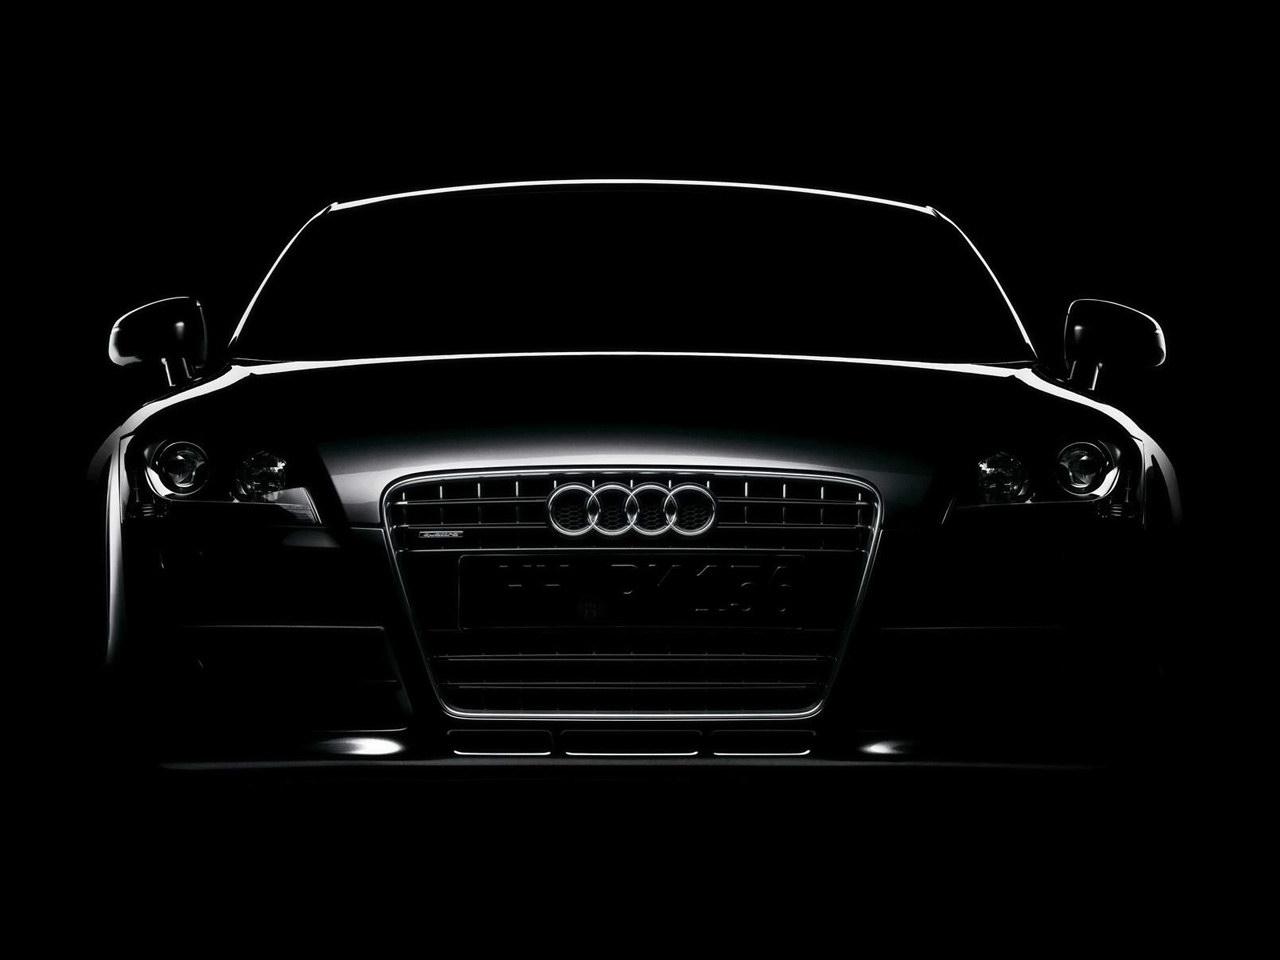 4551 скачать обои Транспорт, Машины, Ауди (Audi) - заставки и картинки бесплатно